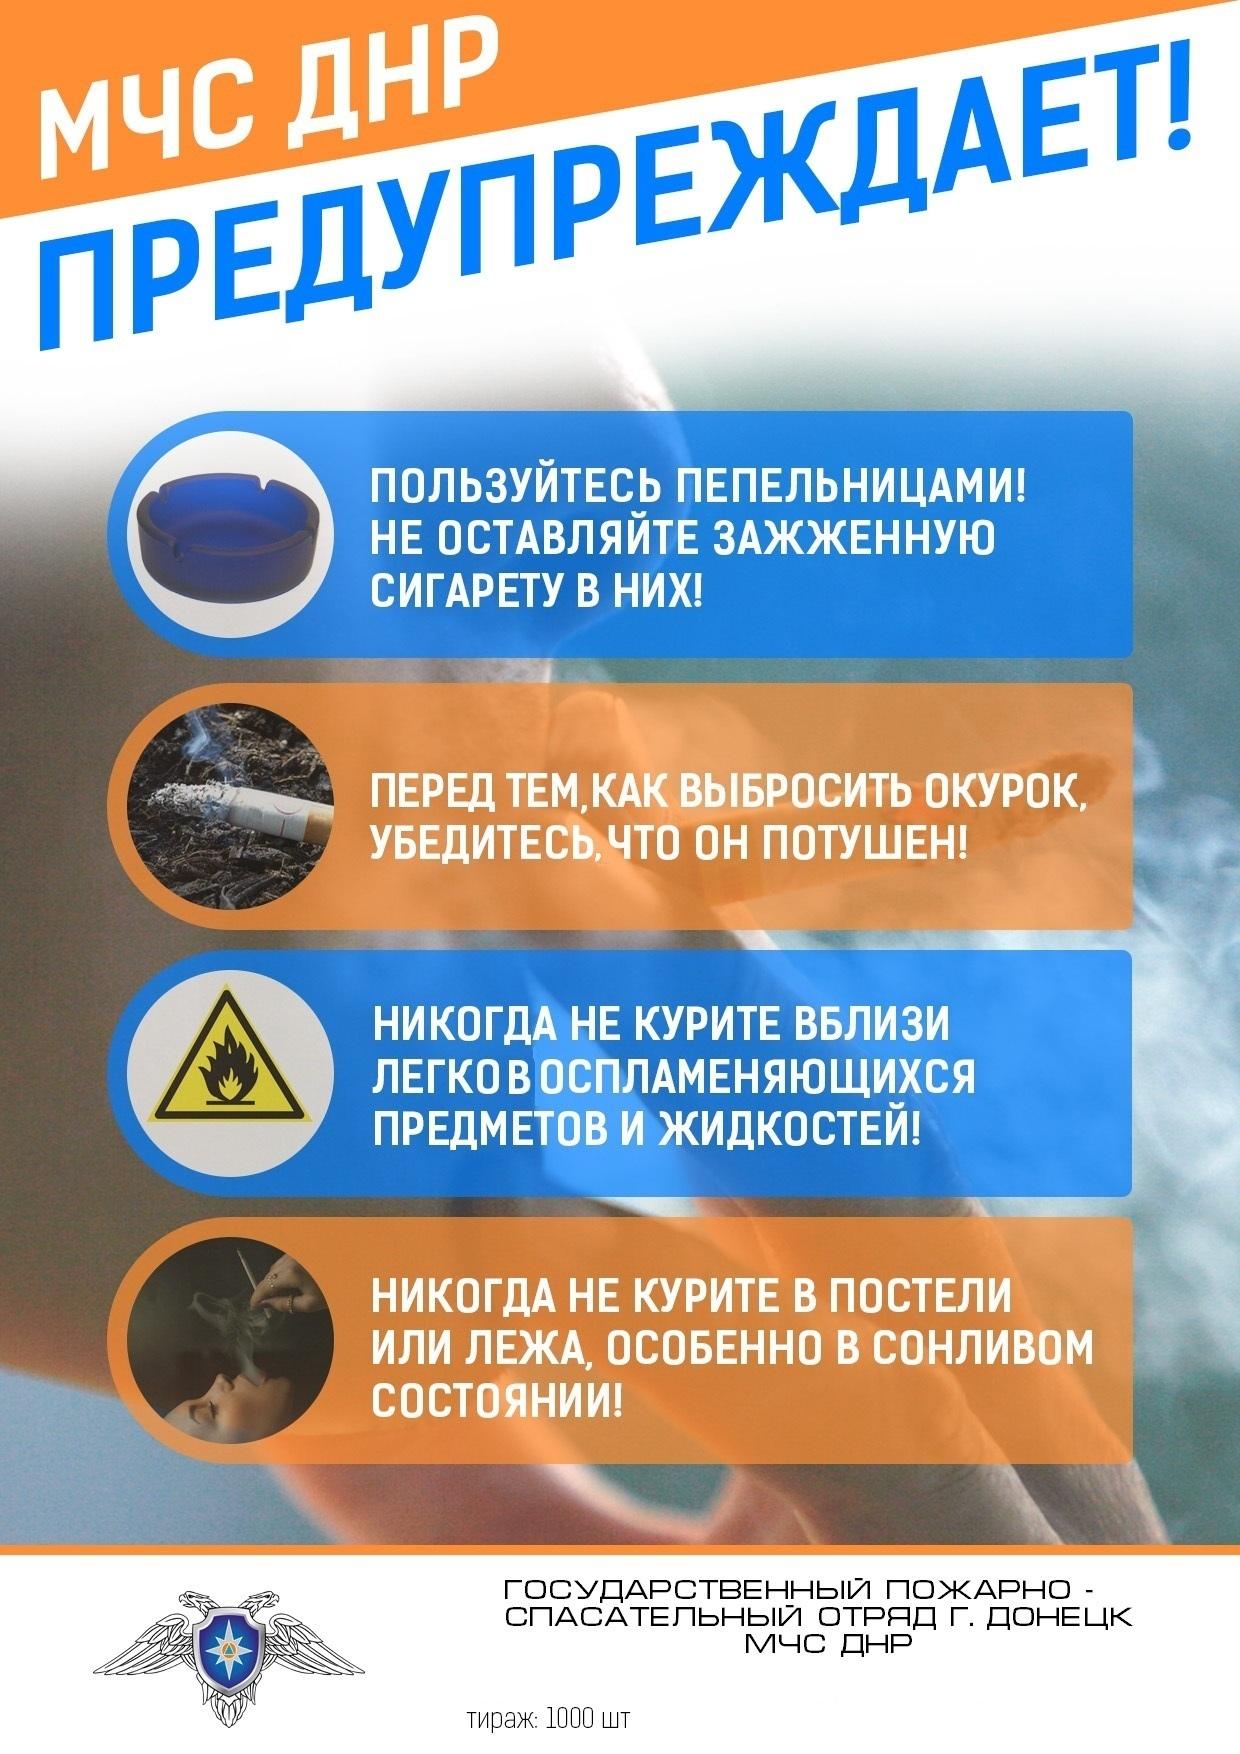 МЧС ДНР ПРЕДУПРЕЖДАЕТ!